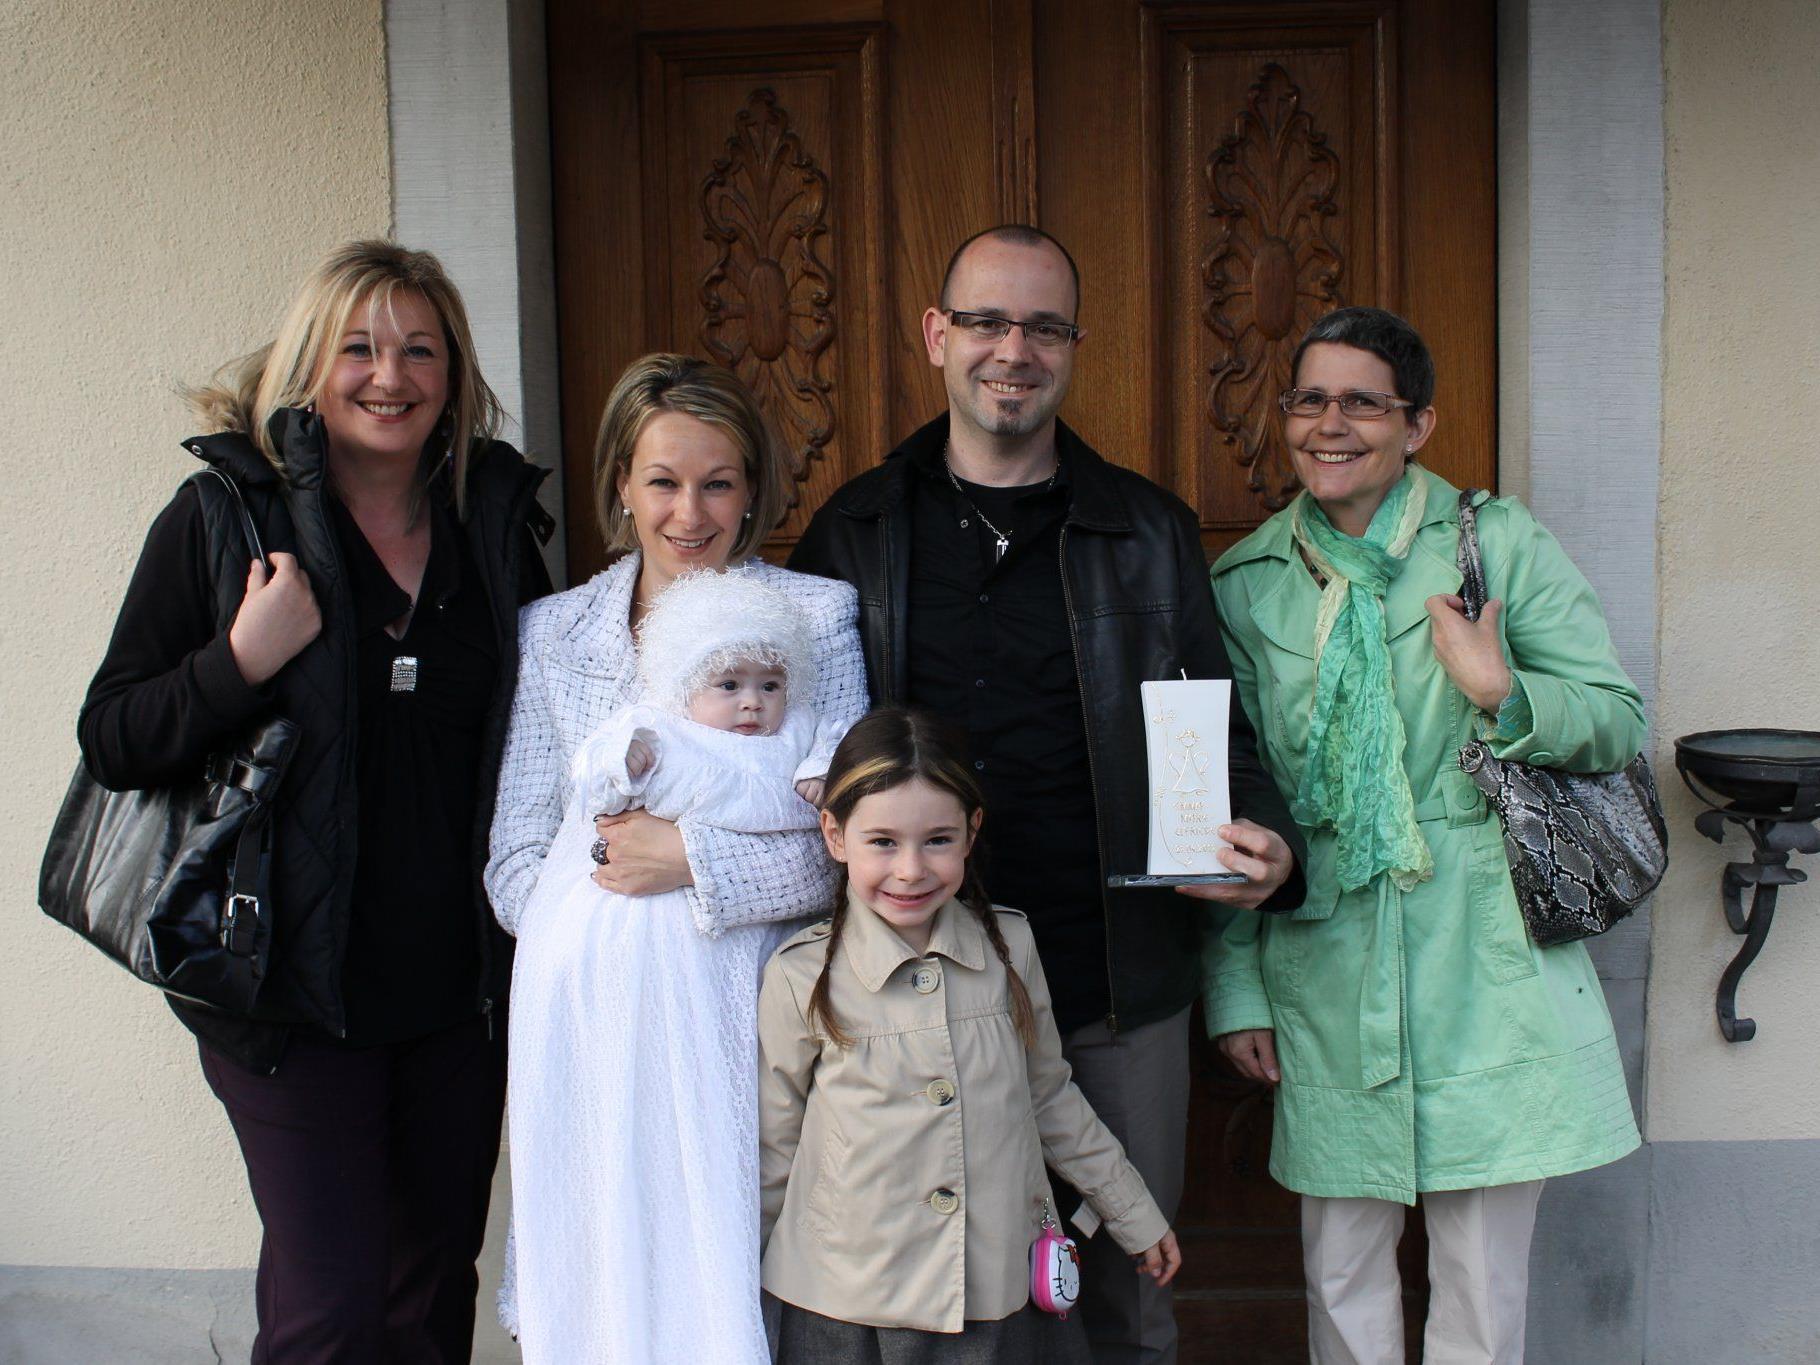 Emma Marie wurde in der Pfarrkirche getauft